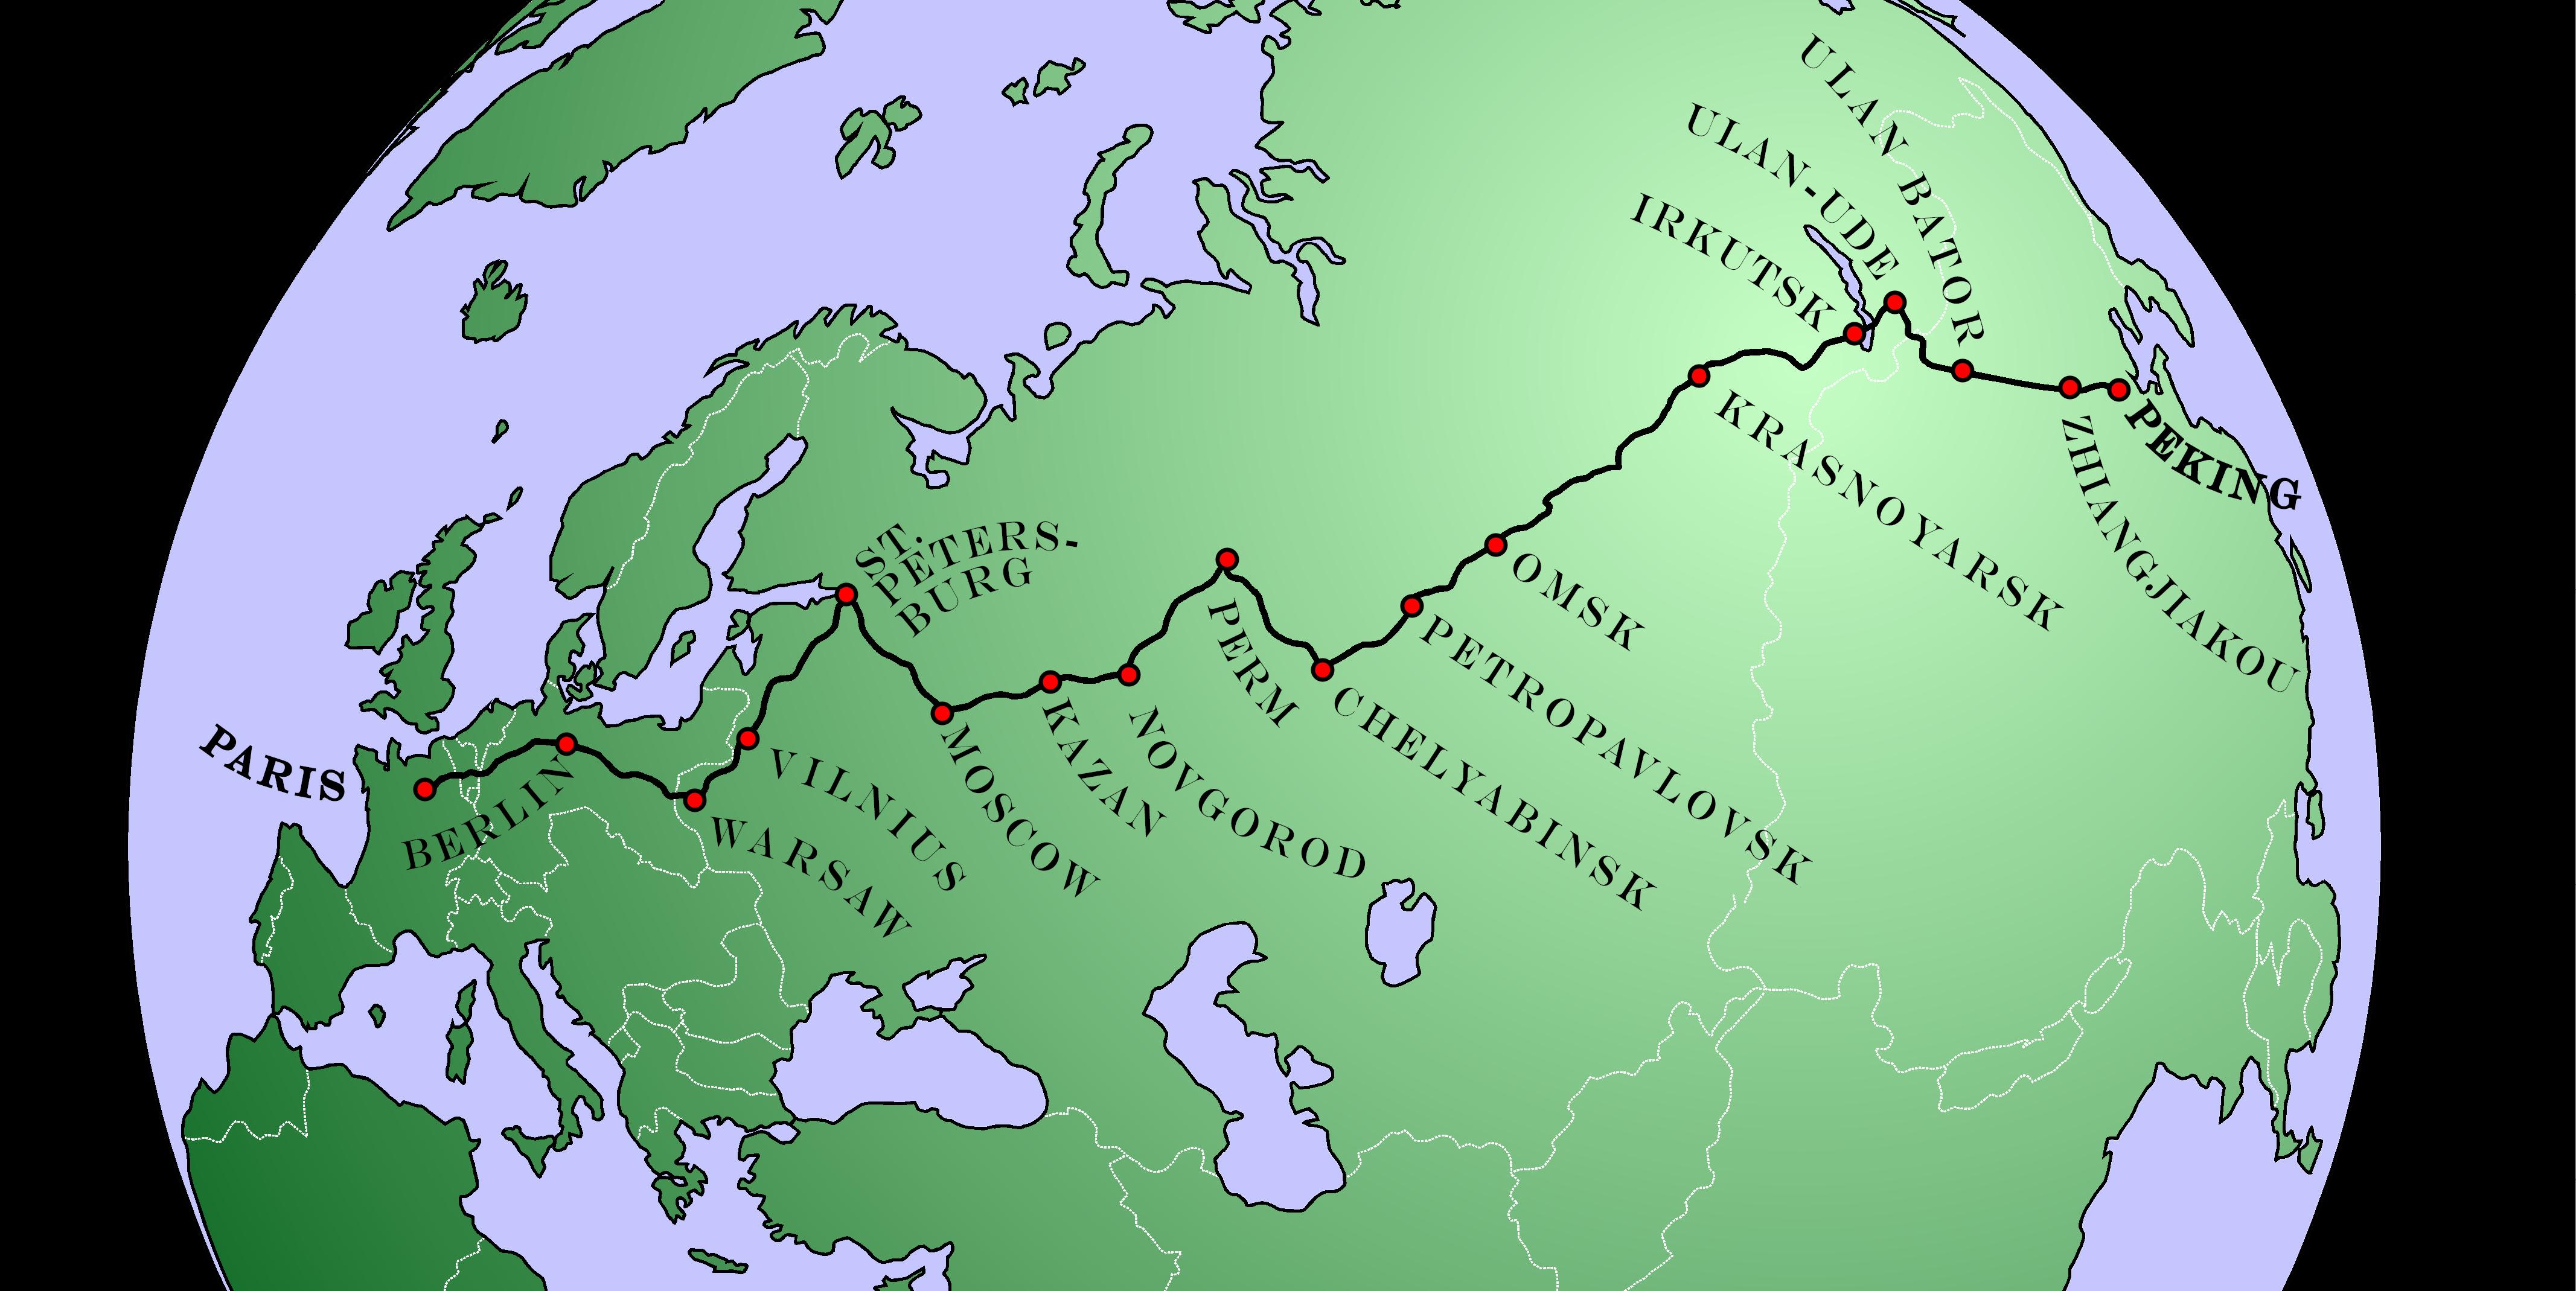 Peking to Paris - Wikipedia